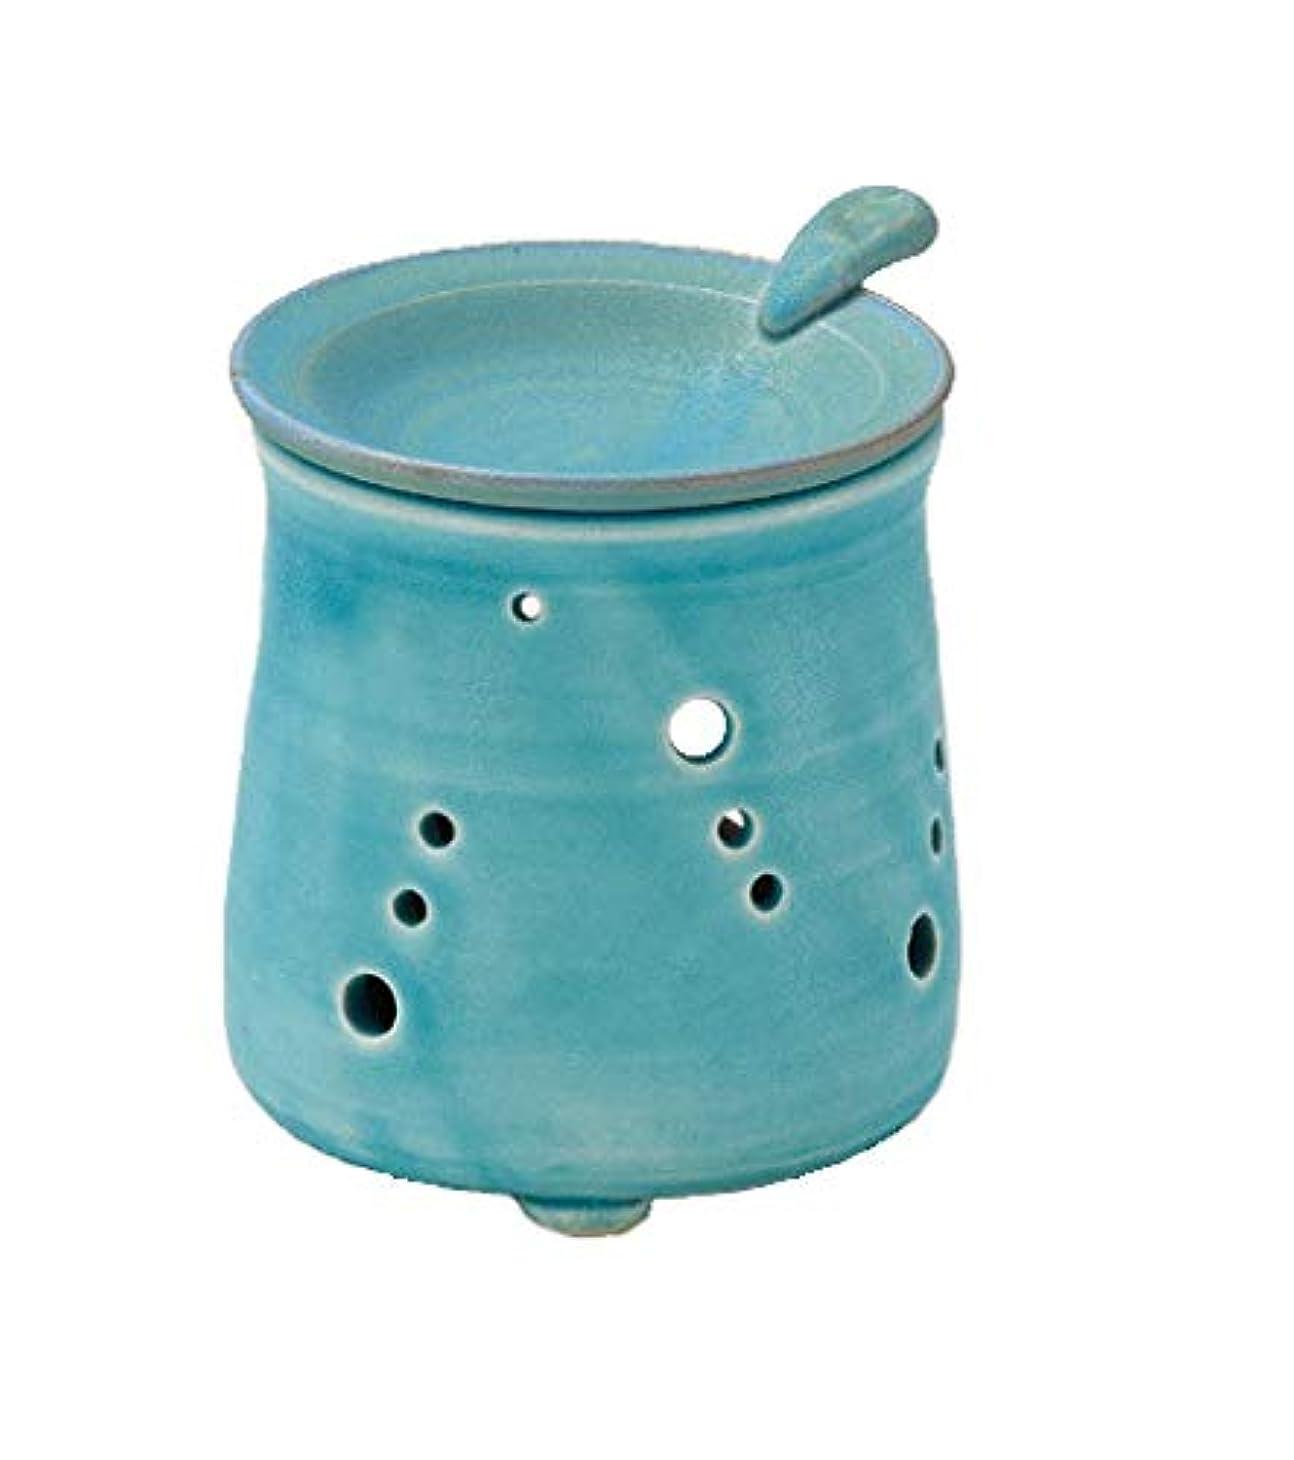 興味闇放課後ヤマキイカイ(Yamakiikai) 置物 ブルー 径9.5cm 山田トルコブルー 茶香炉 L1616